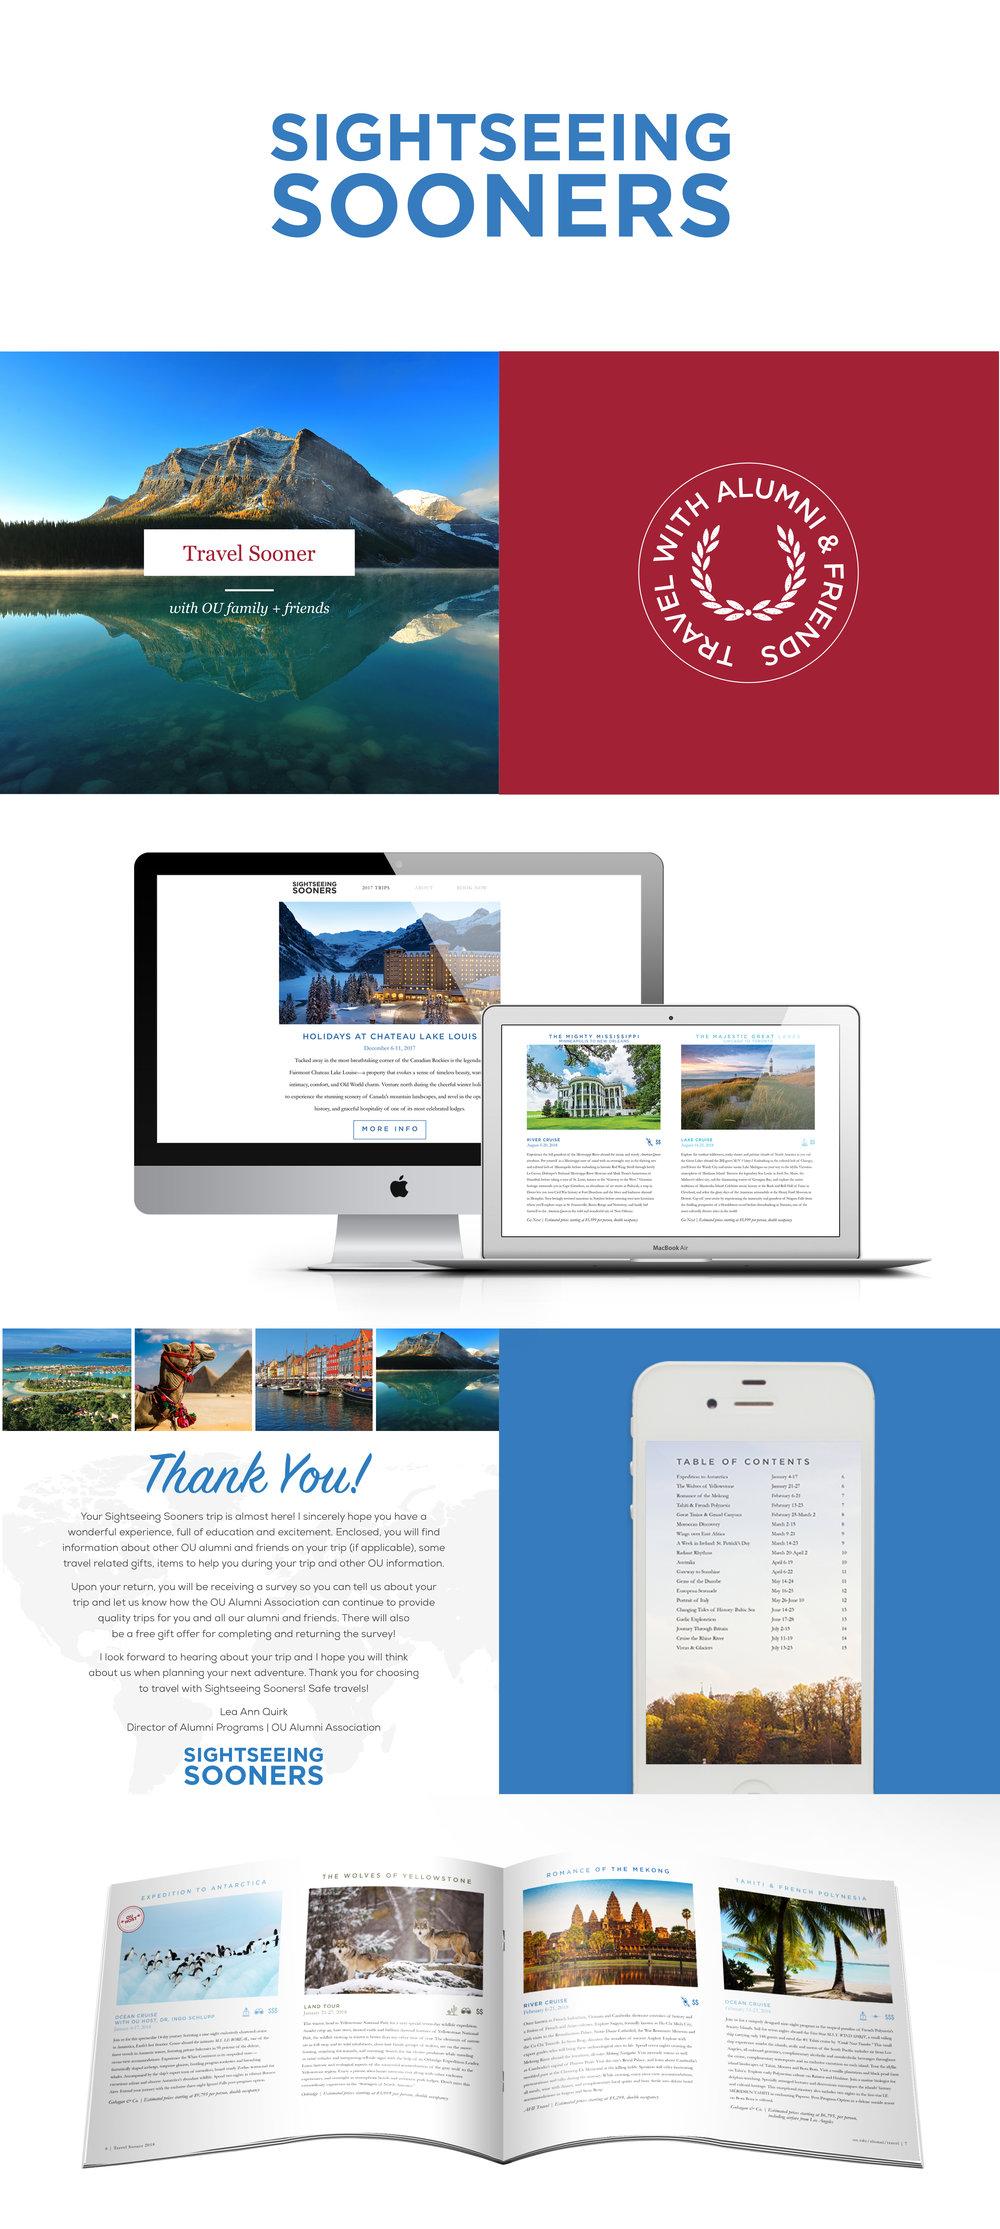 ss_branding_web.jpg